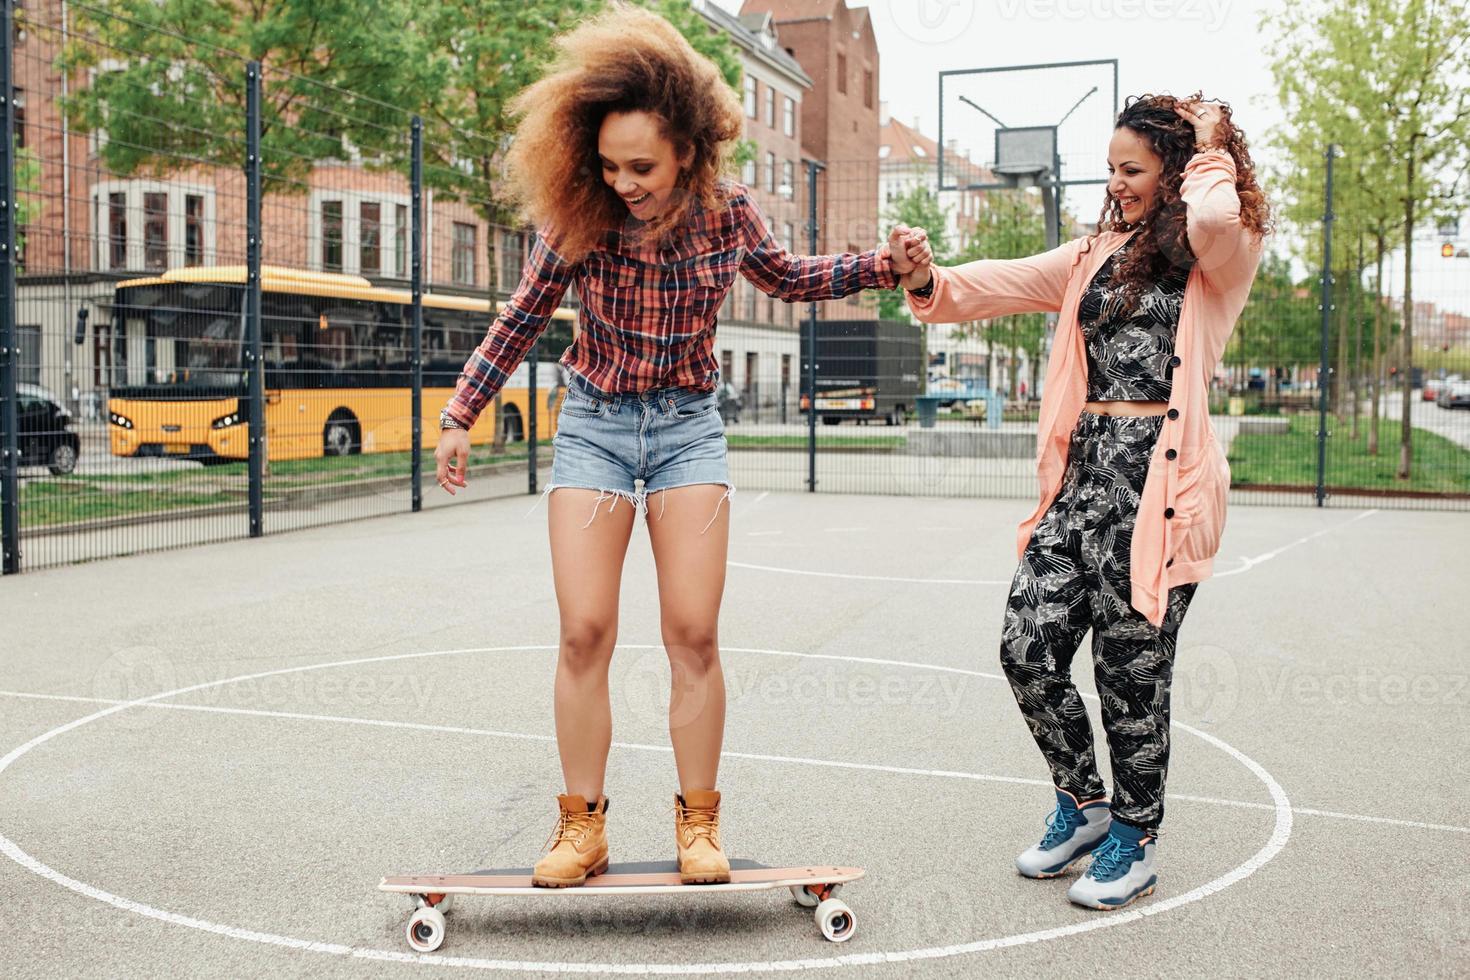 femme, apprendre à faire du skateboard photo